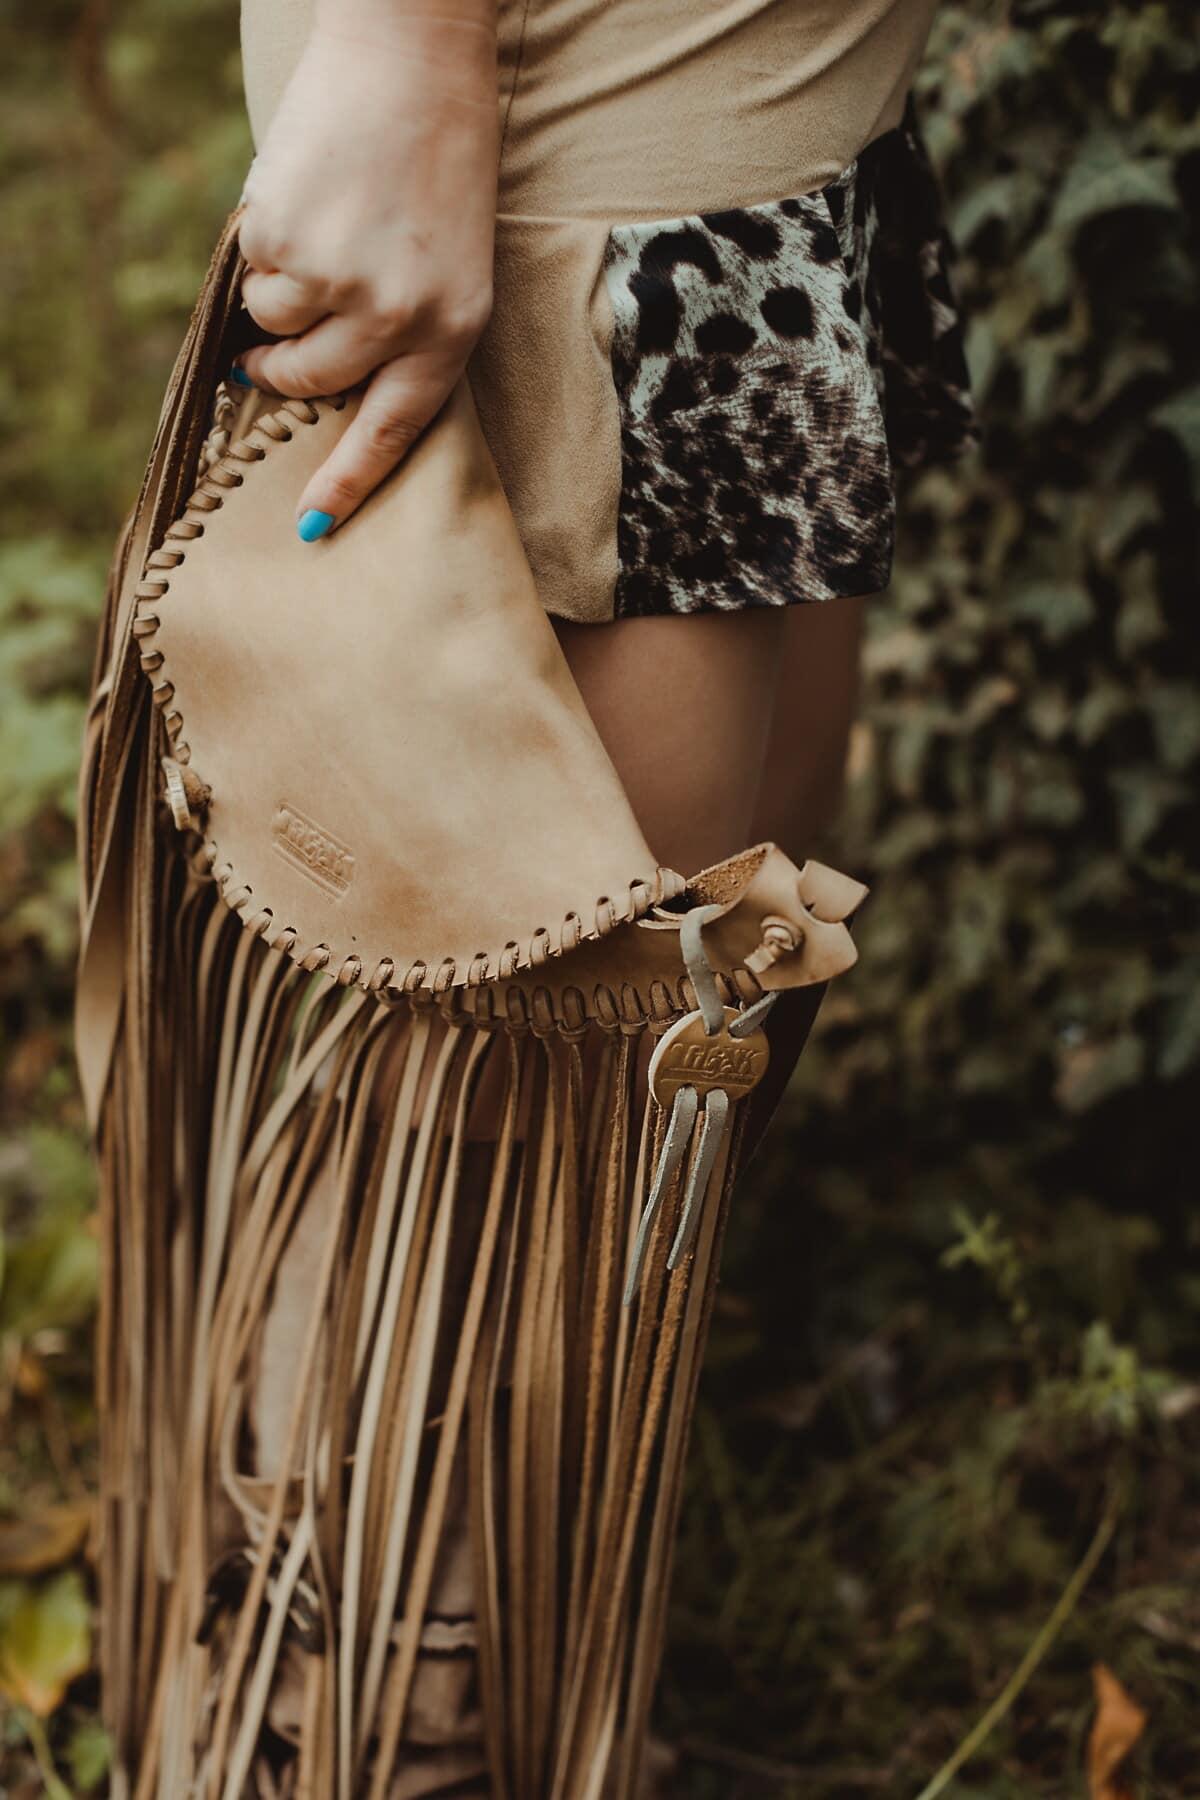 håndlavede, håndtaske, indiske, stil, gammel stil, mode, tøj, kvinde, attraktive, natur